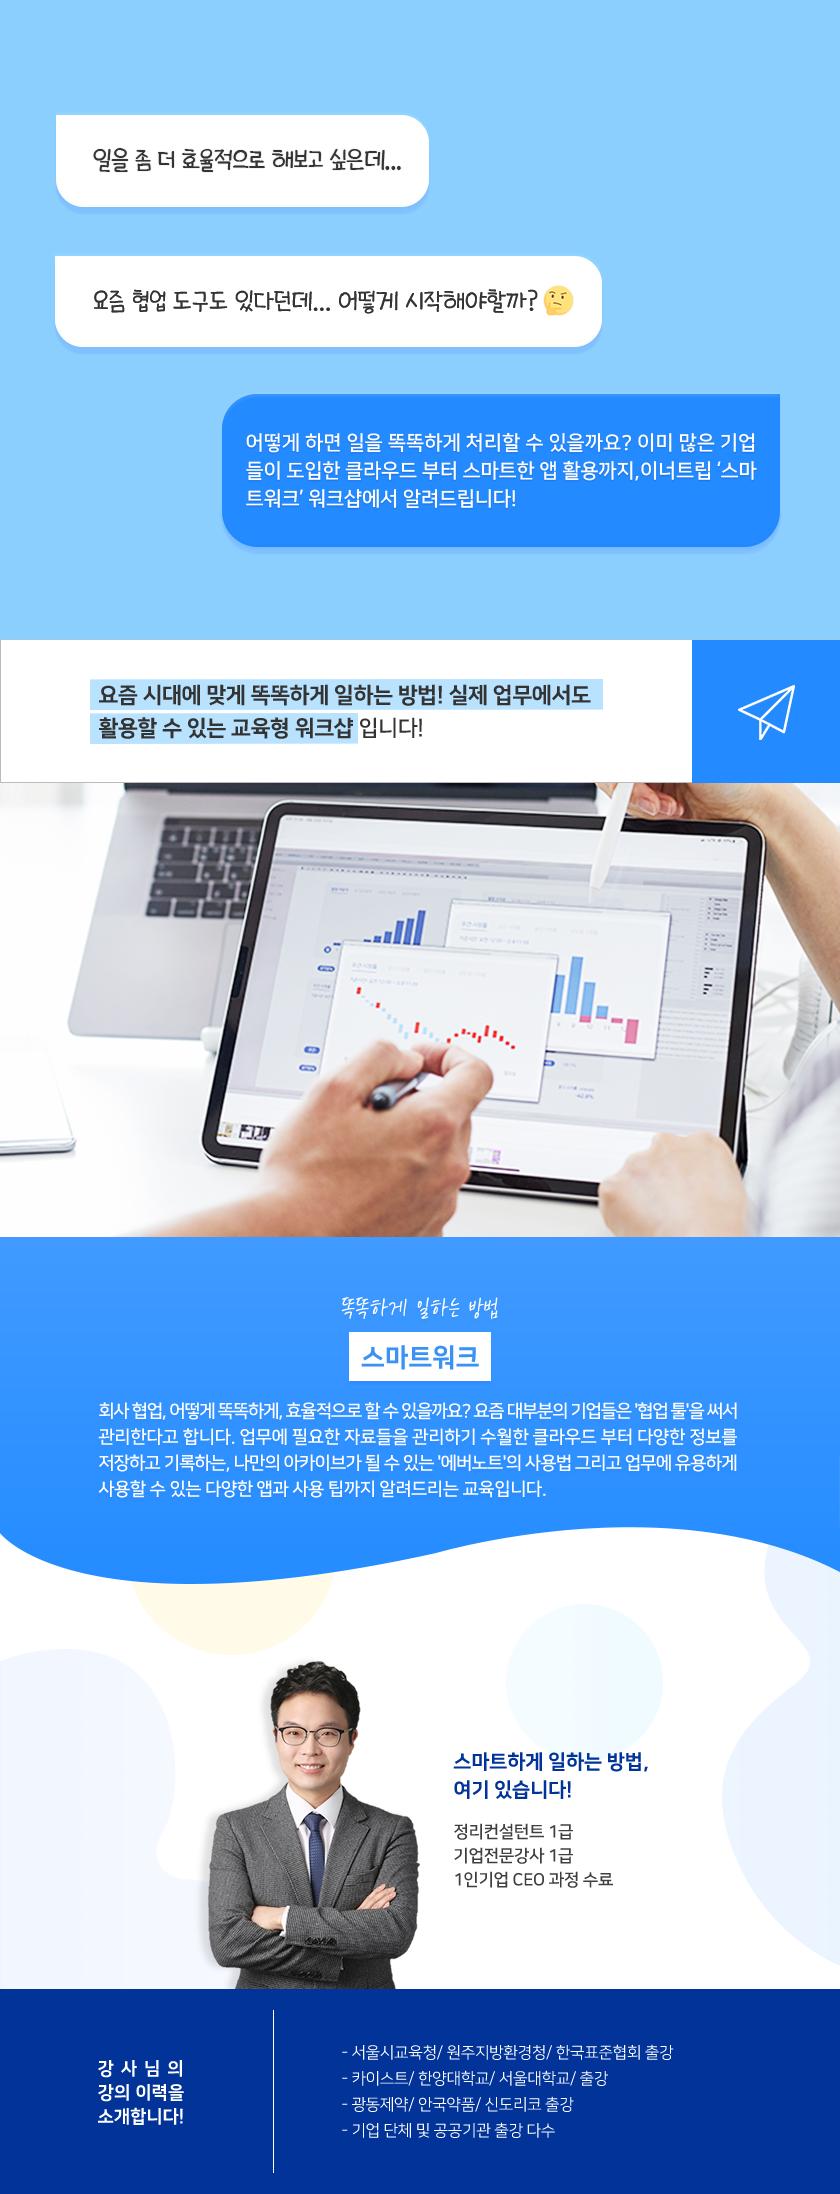 스마트워크_상세소개